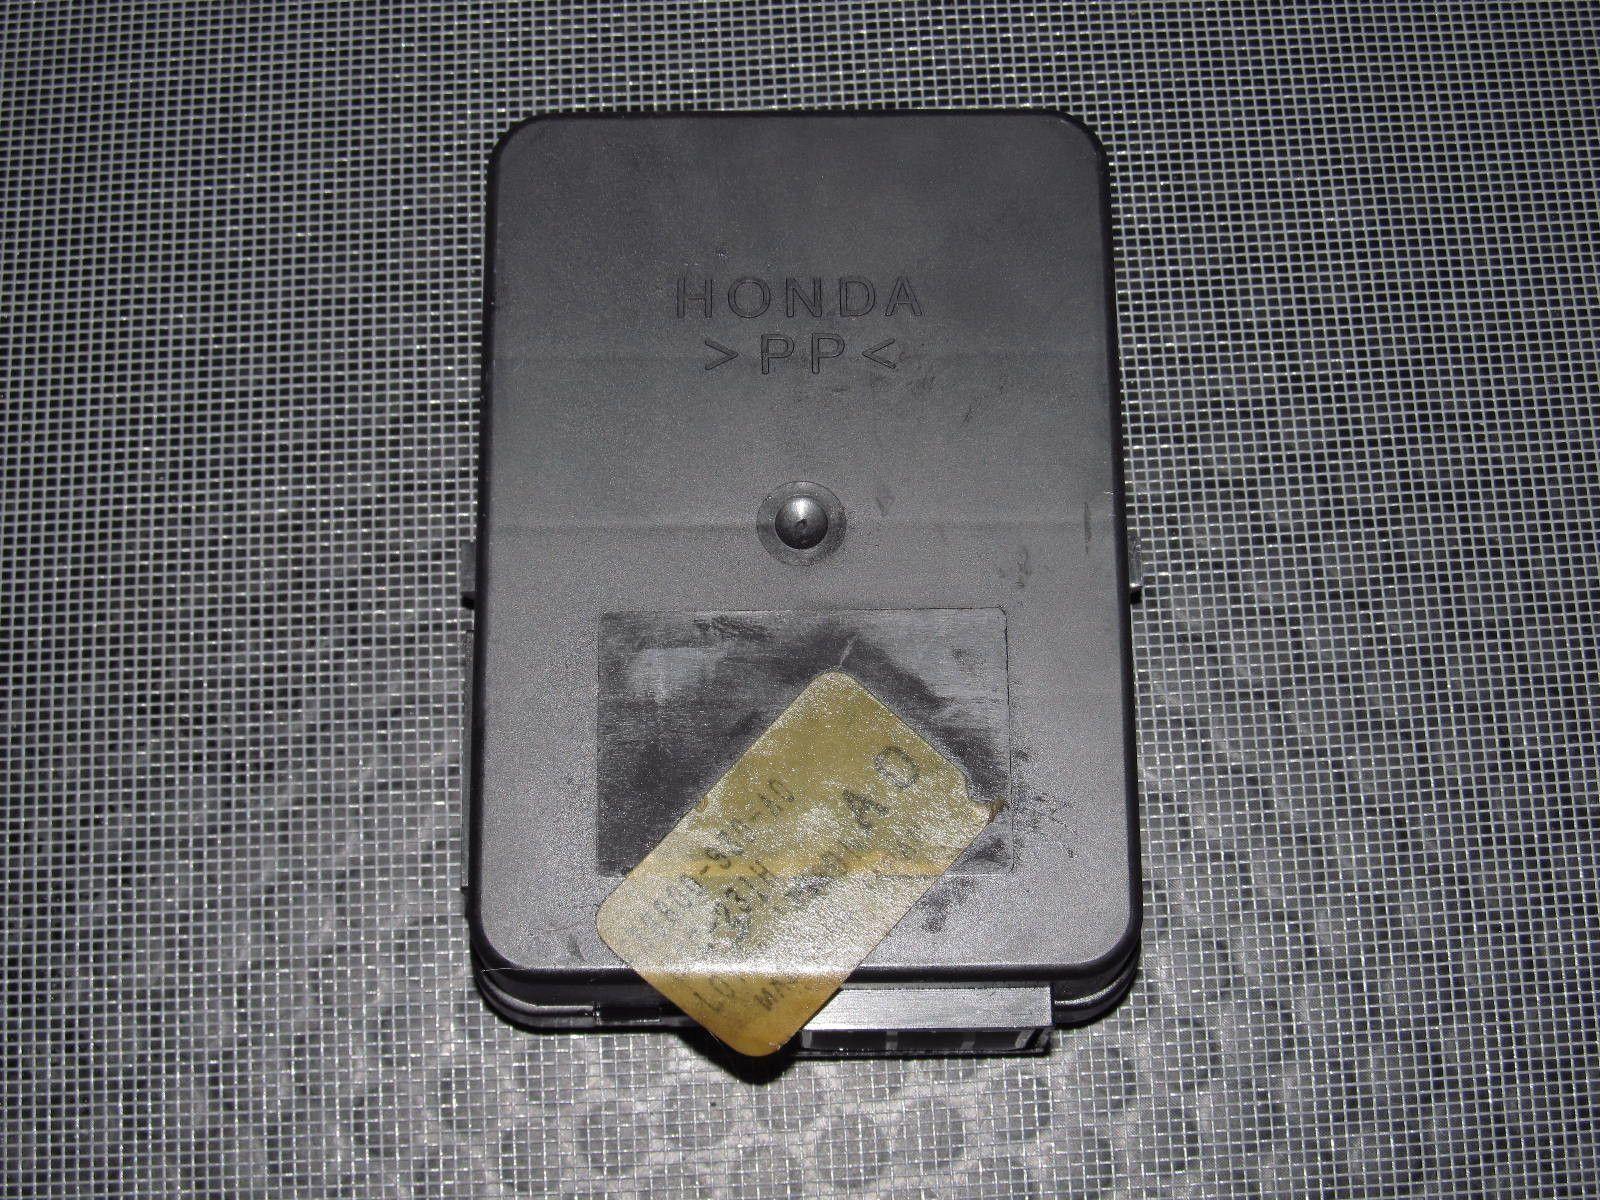 97 01 honda prelude oem 38800 s30 a0 fuse box integration control unit [ 1600 x 1200 Pixel ]